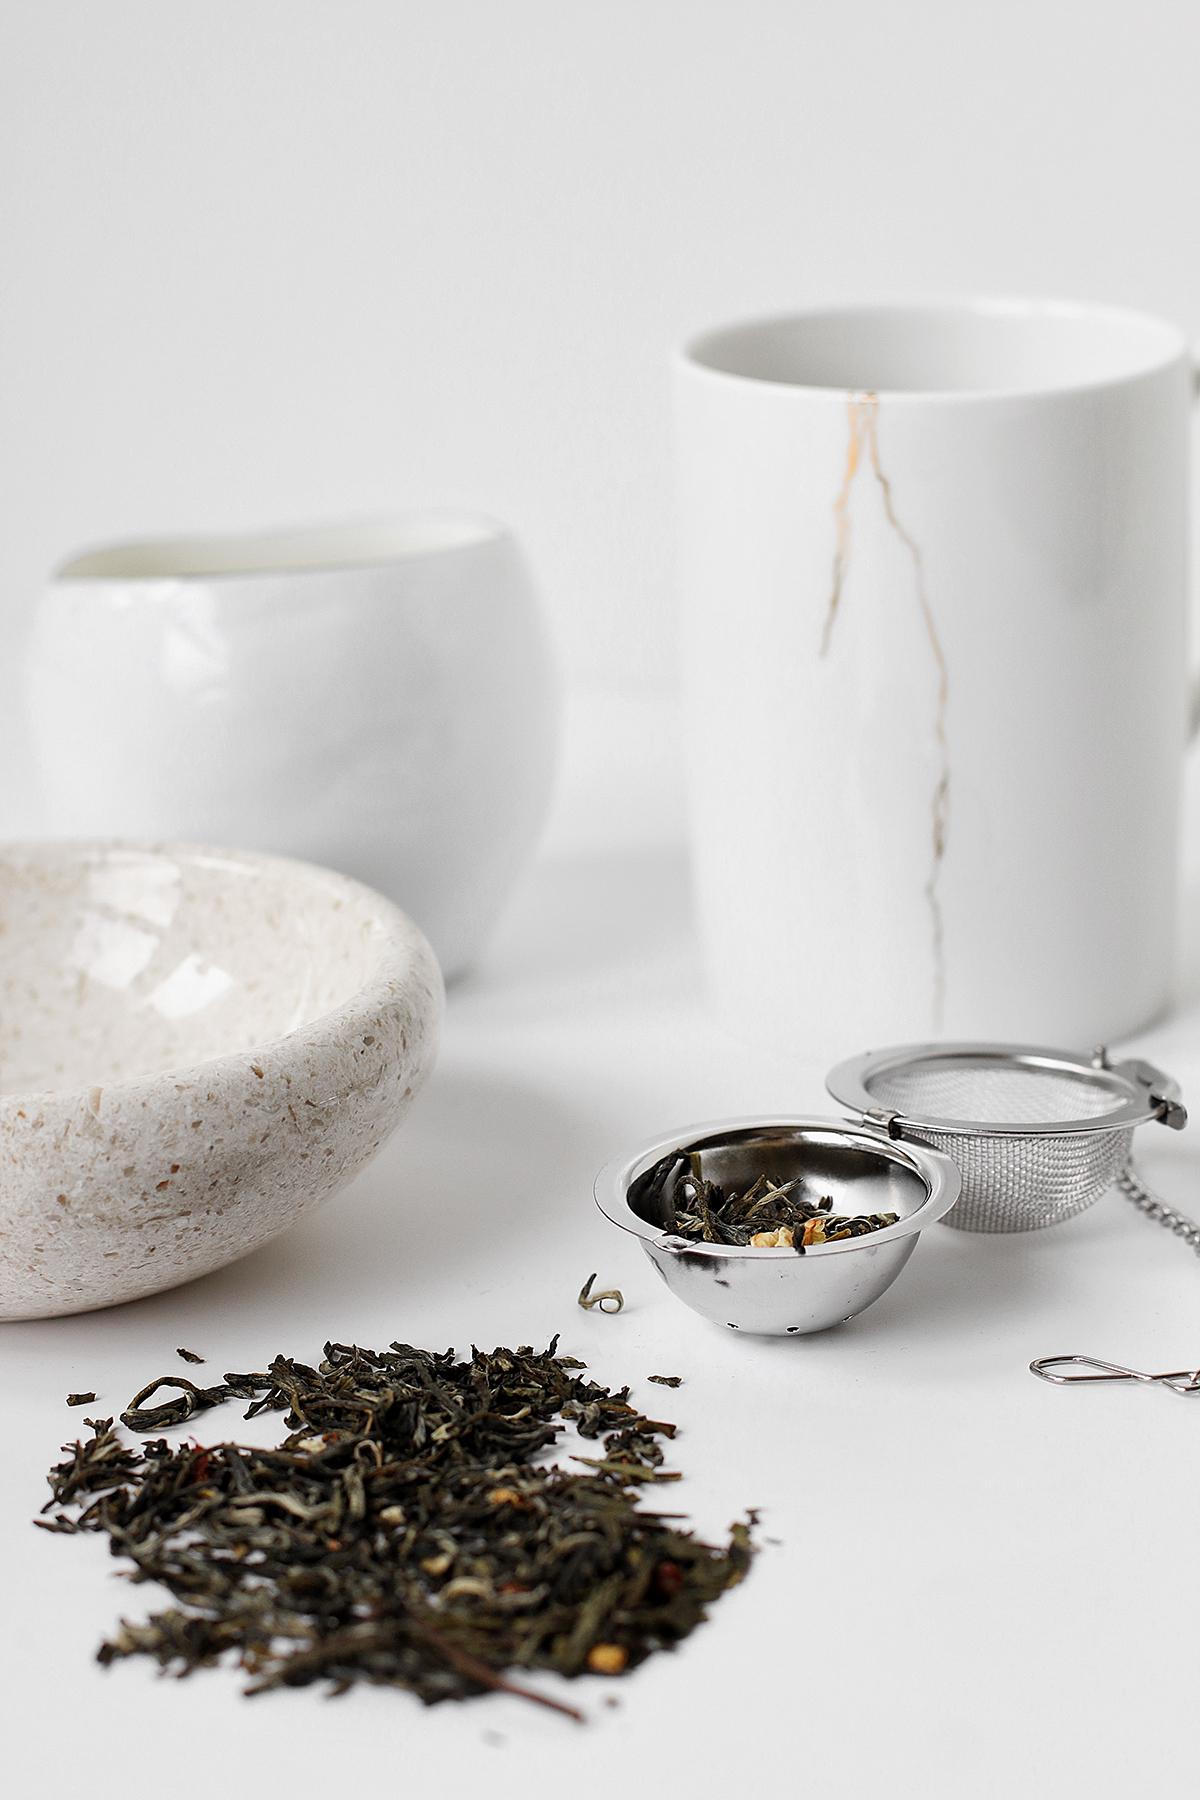 My new self-care habit: Tea ritual